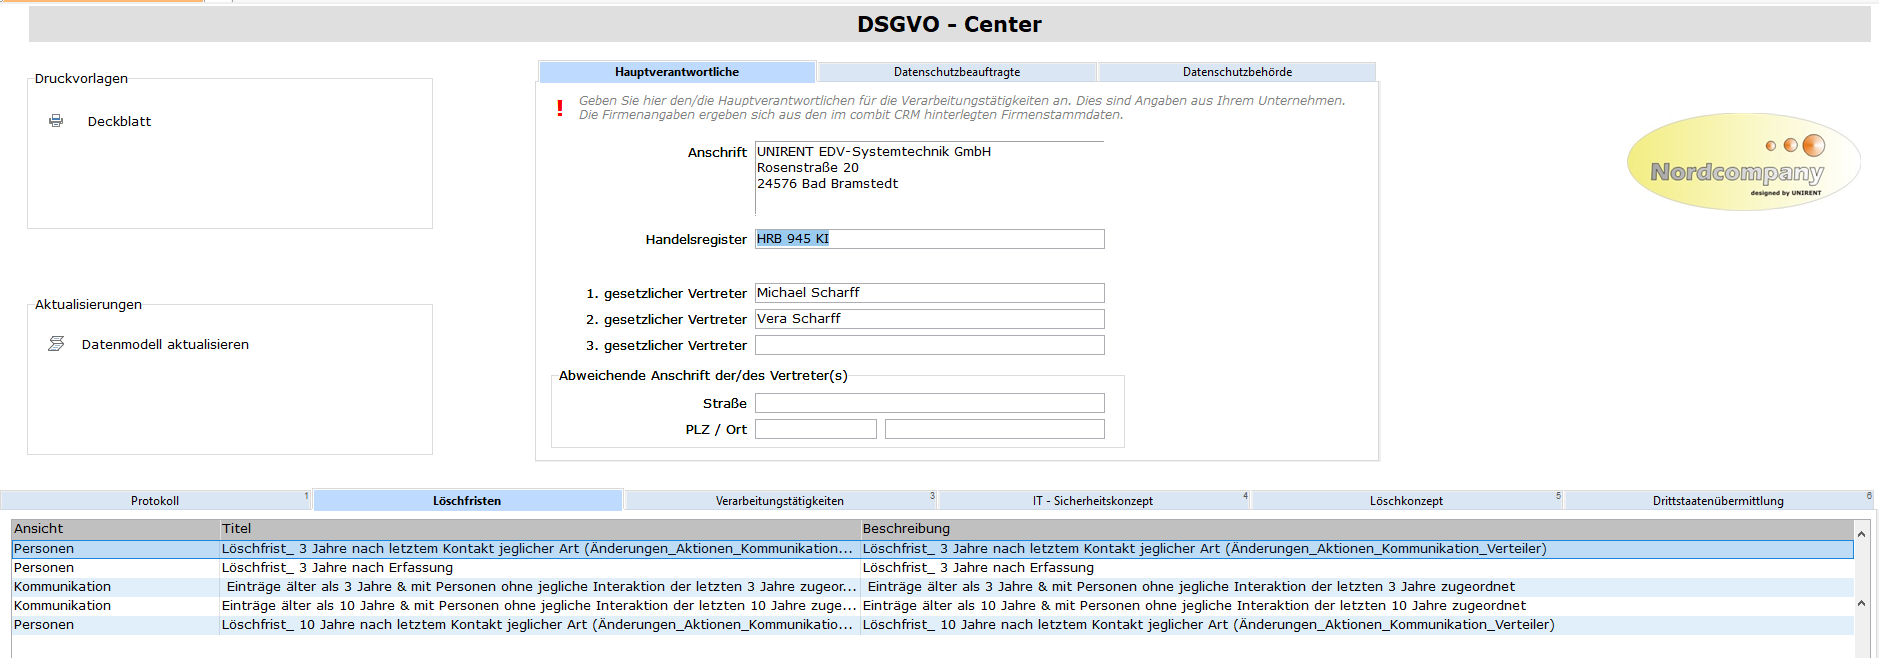 Integriertes DSGVO-Modul. Protokollierung von Änderungen personenbezogener Daten. Erfassung von Löschfristen und Löschkonzepten, Verarbeitungstätigkeiten sowie IT-Sicherheitskonzepten.